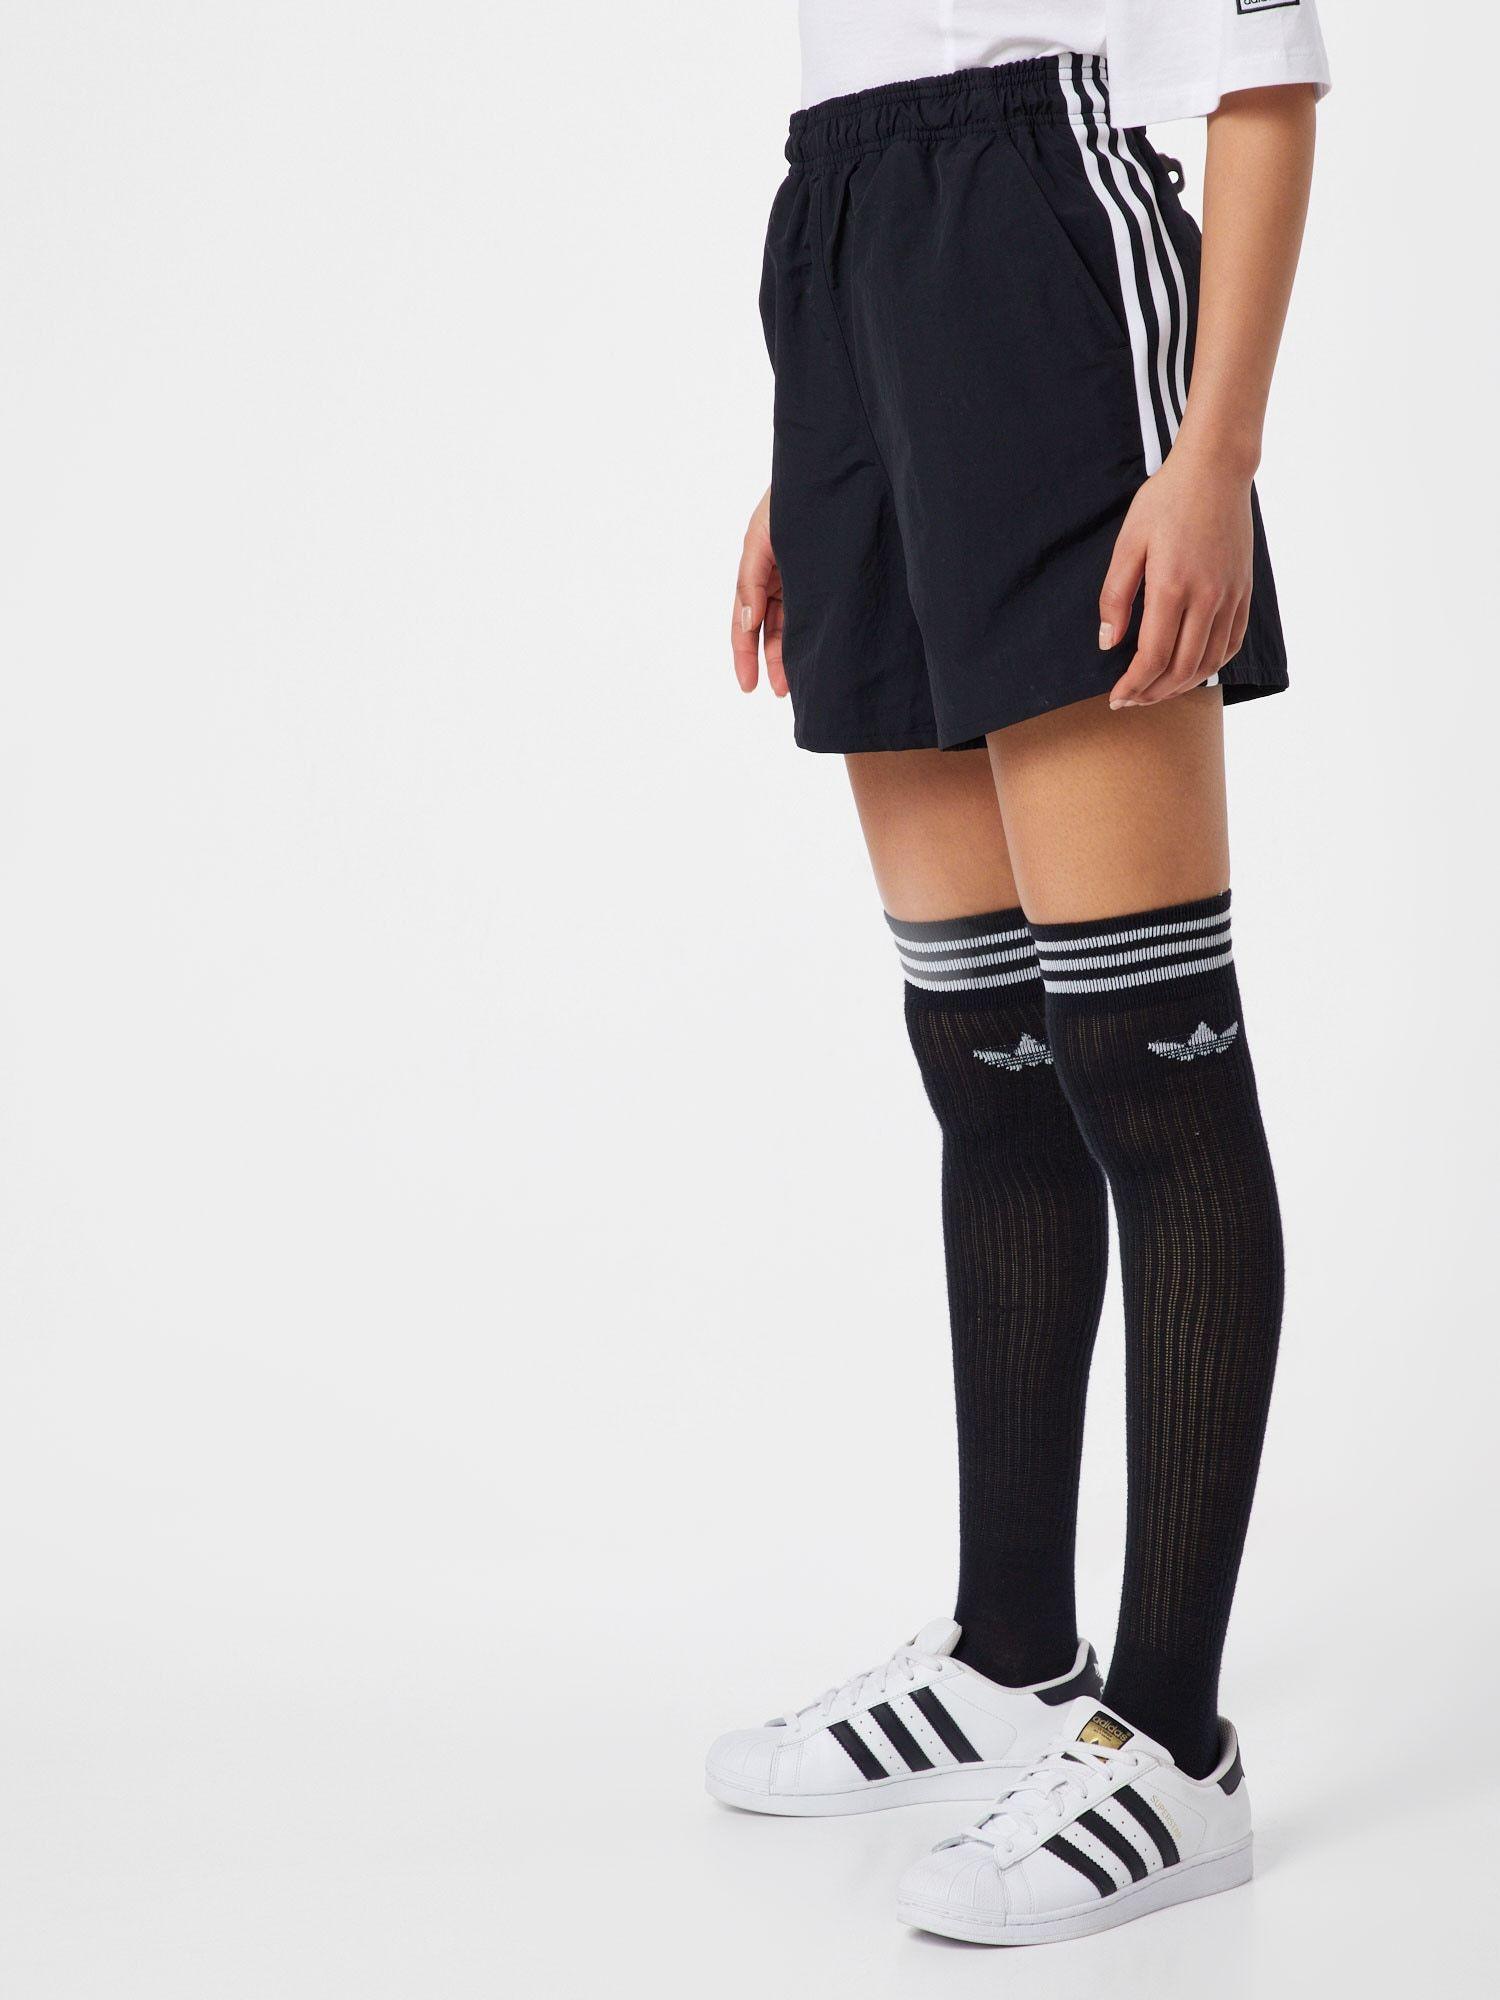 ADIDAS ORIGINALS Shorts Damen, Schwarz Weiß, Größe 32 in